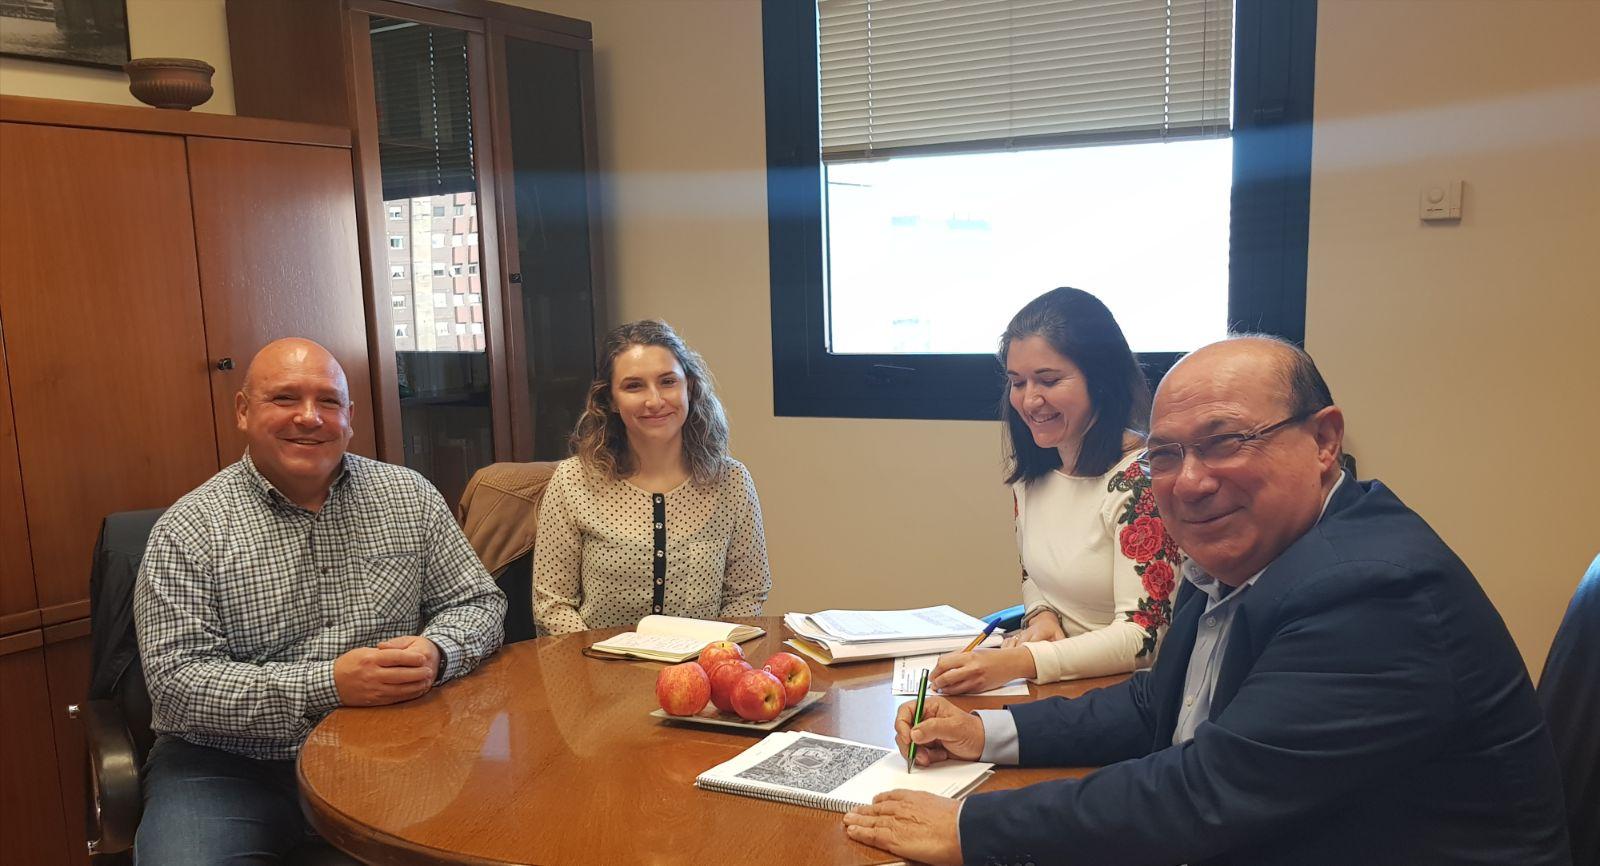 Reunión de trabajo de los responsables municipales con Jesús García, Subdirector General de Infraestructuras y Personal Técnico de la Conselleria de Educación.